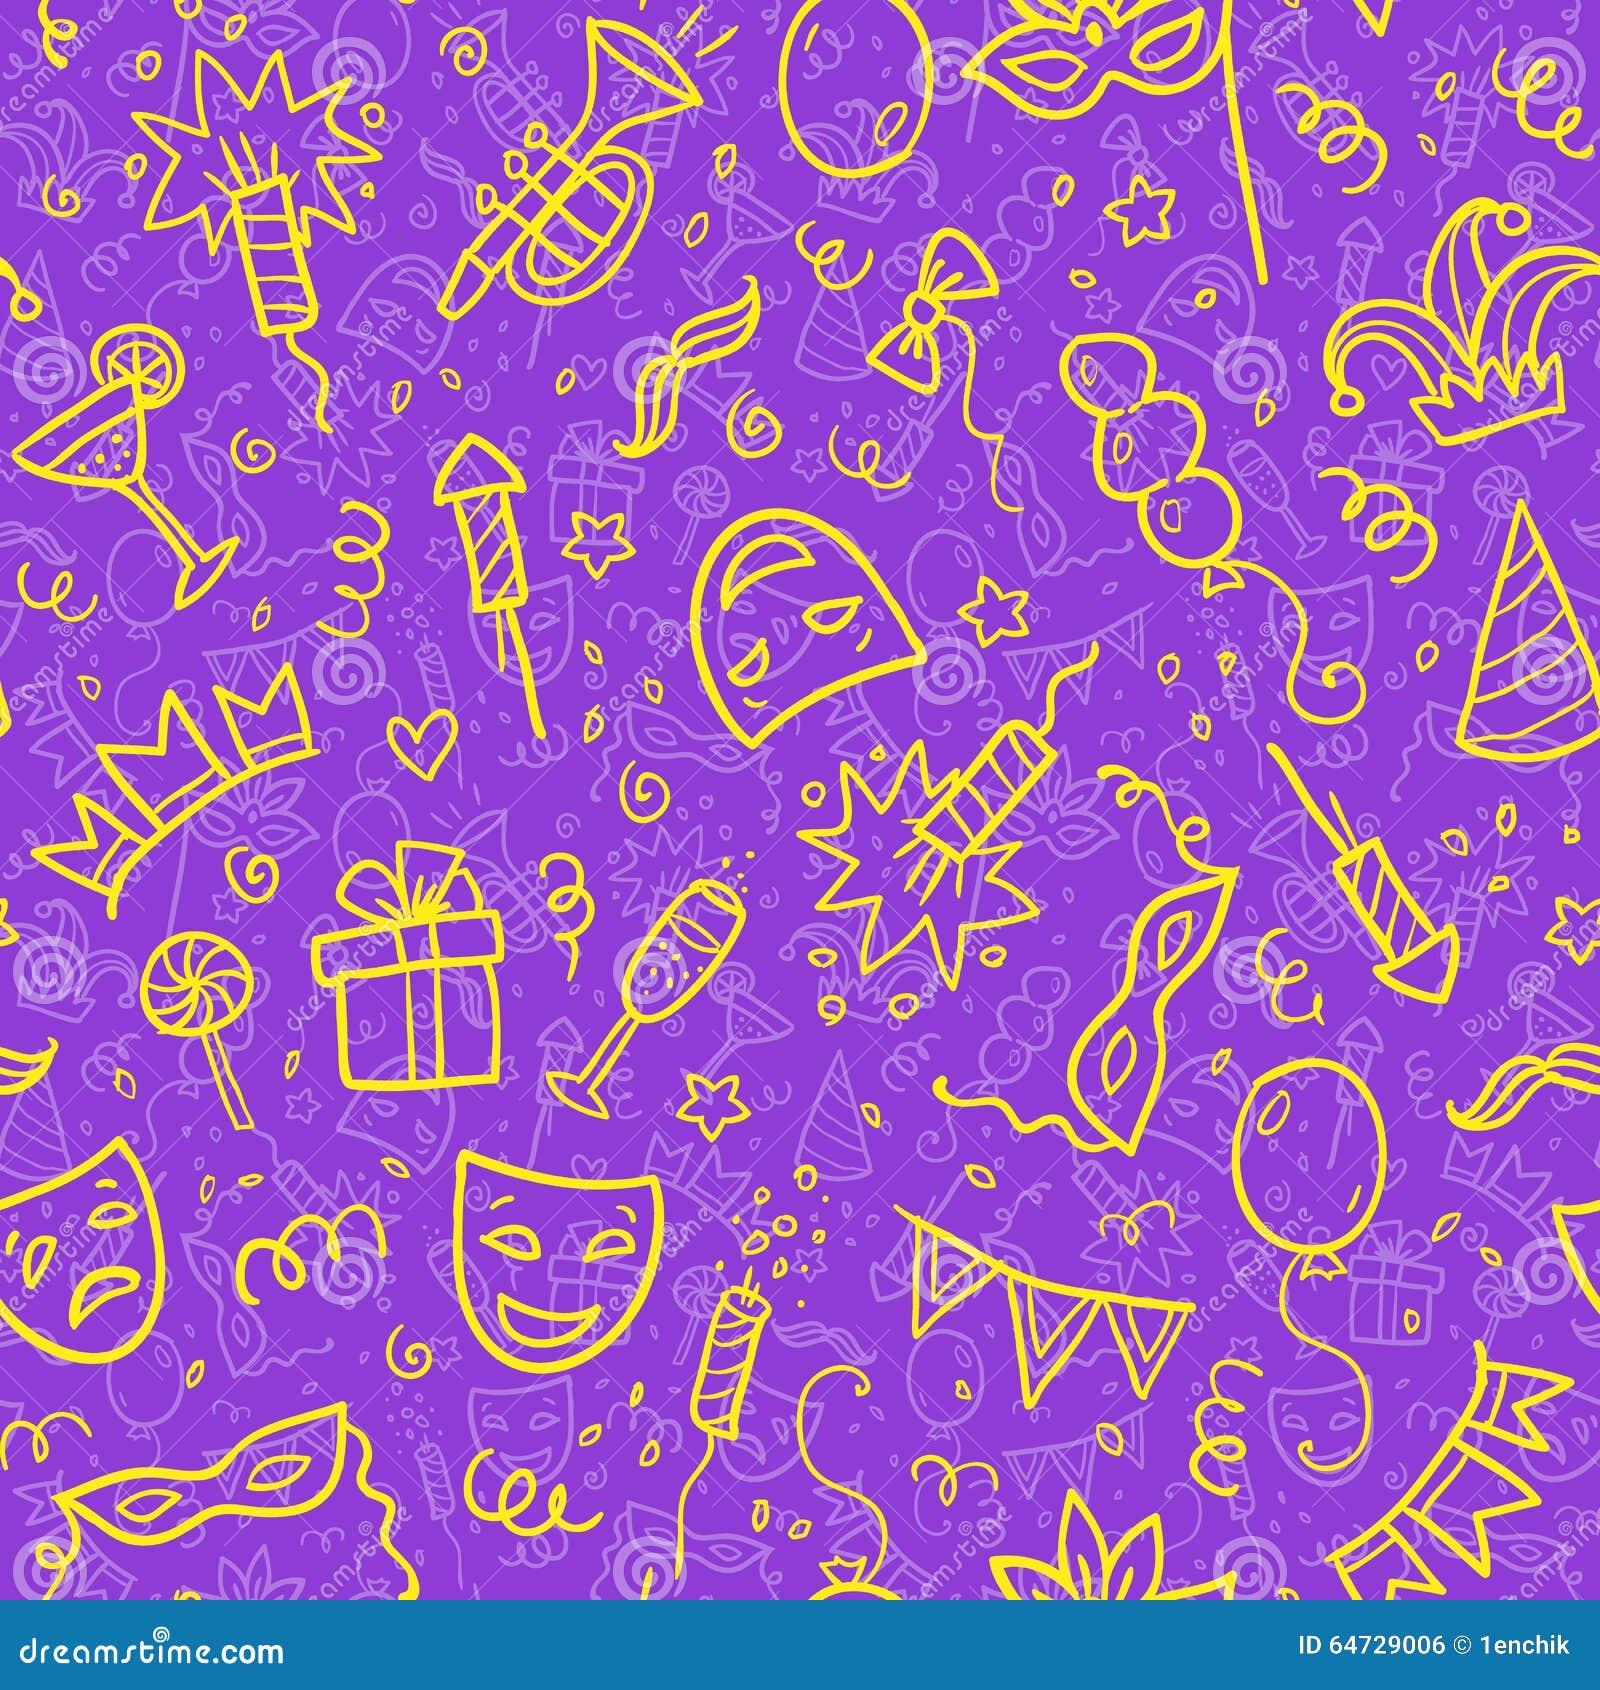 Simboli gialli di carnevale nello stile di scarabocchio sulla viola